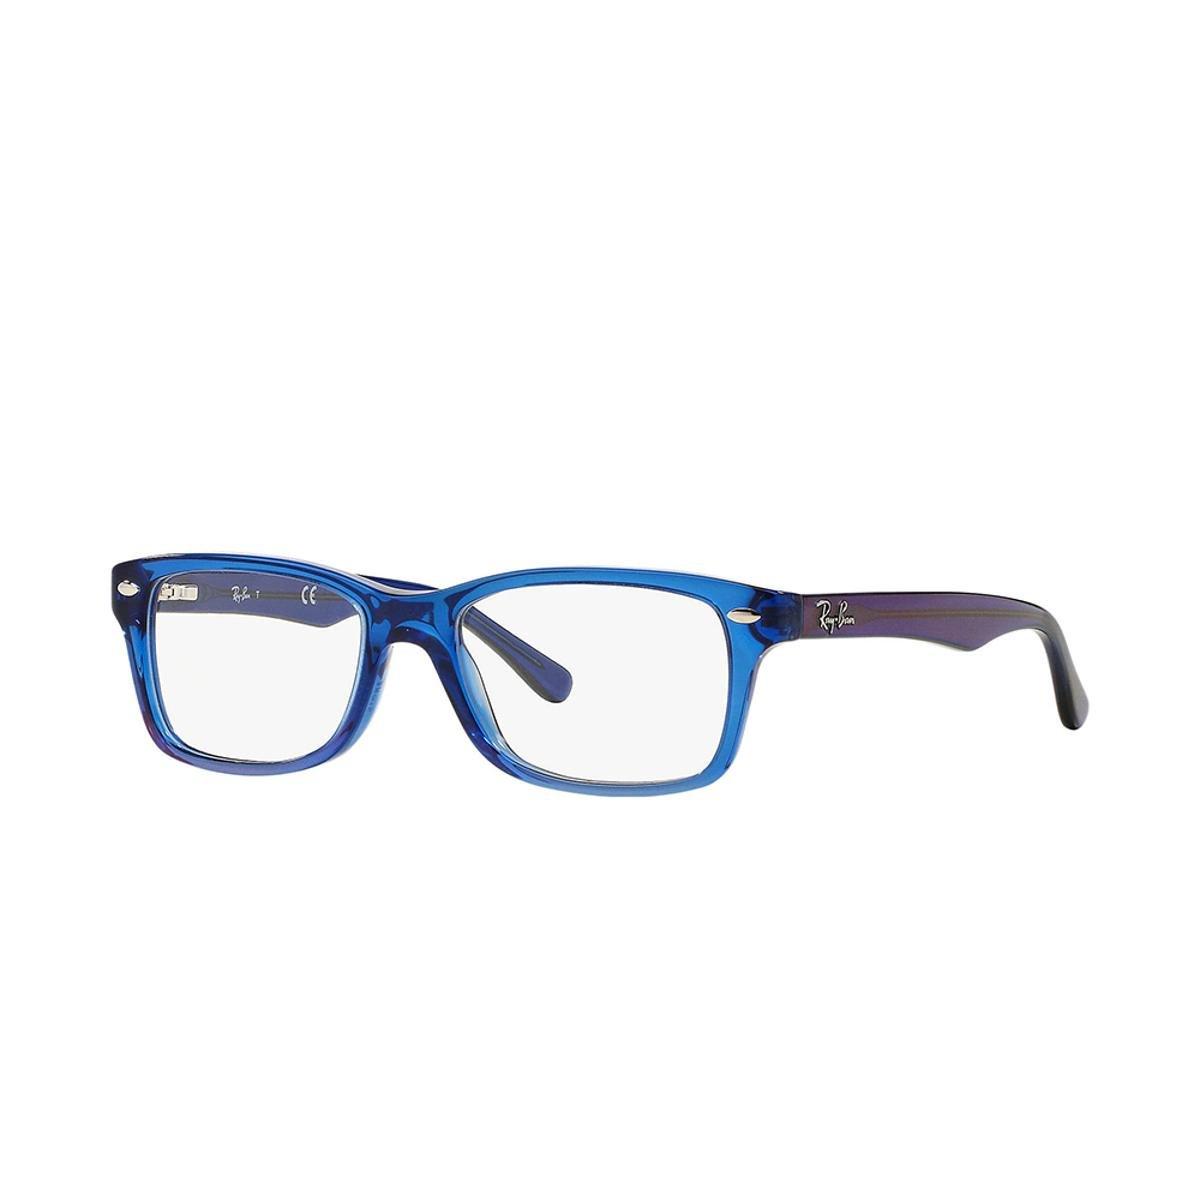 90557a4da2bc7 Armação de Óculos Ray-Ban RB1531 - Azul - Compre Agora